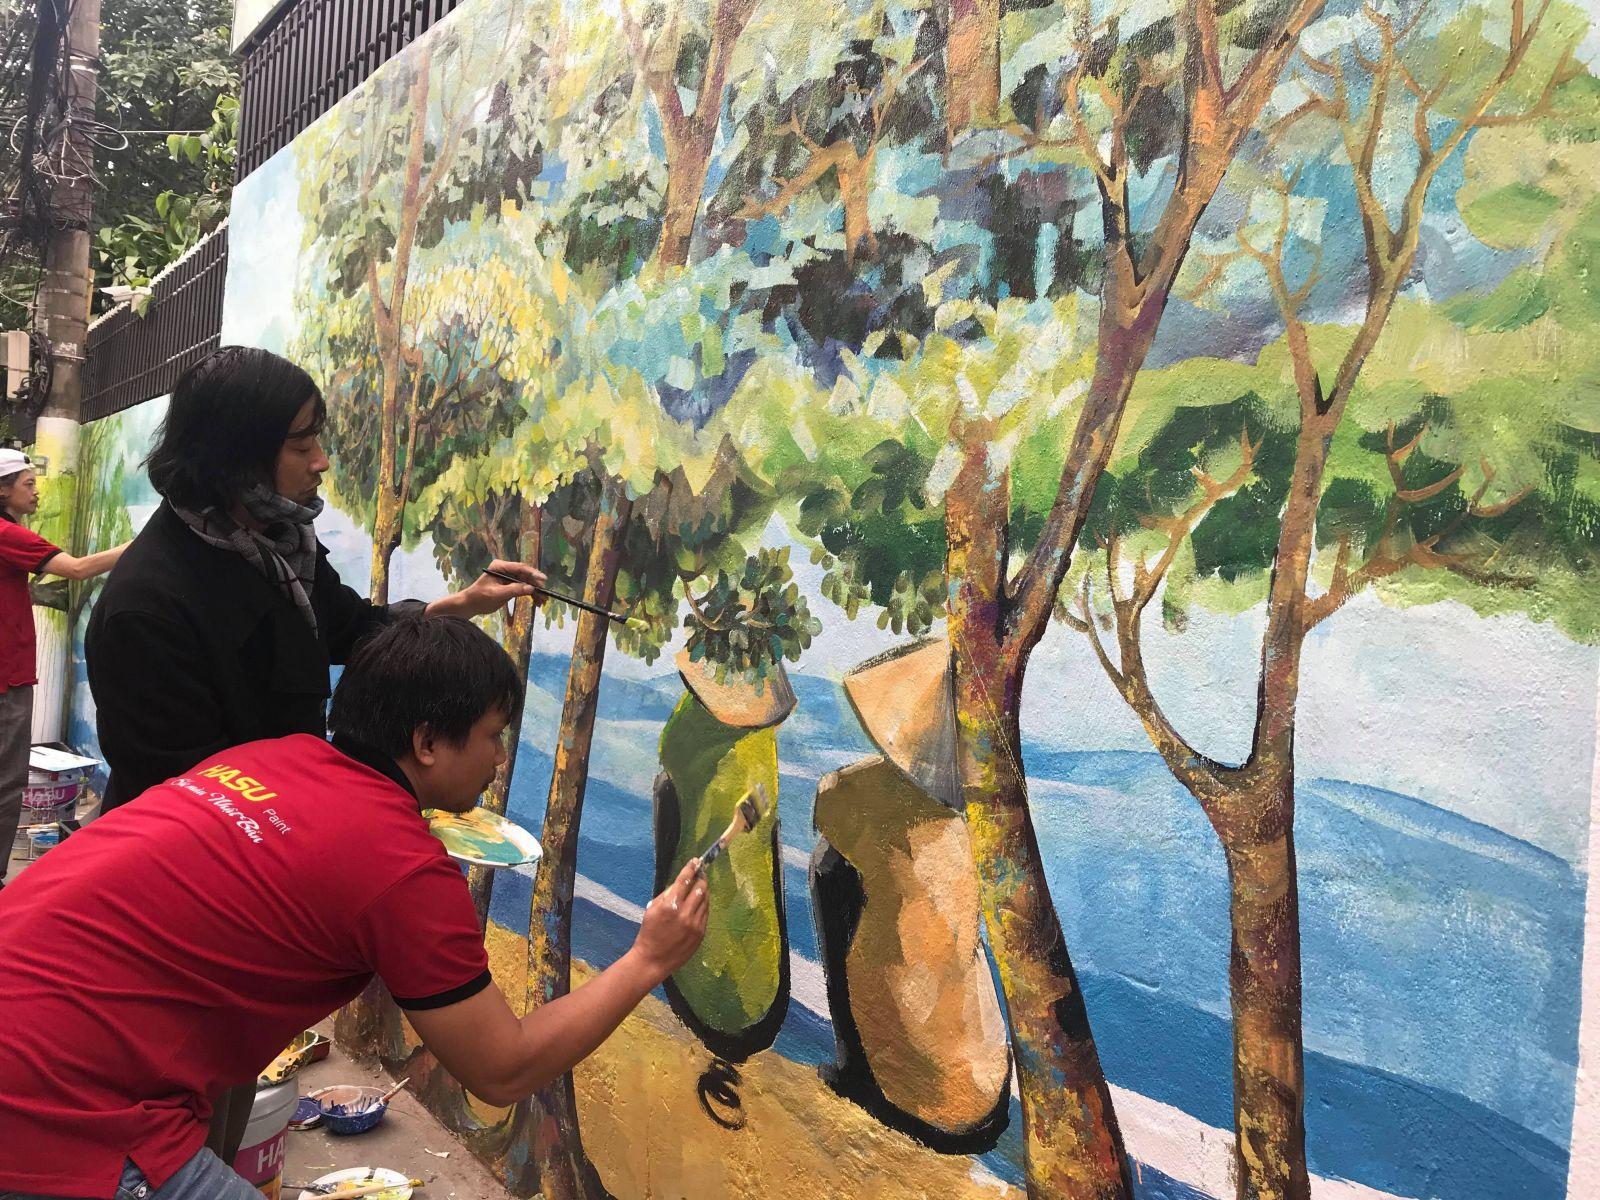 Làng bích họa Đà Nẵng - dự án nhận được rất nhiều sự ủng hộ của người dân